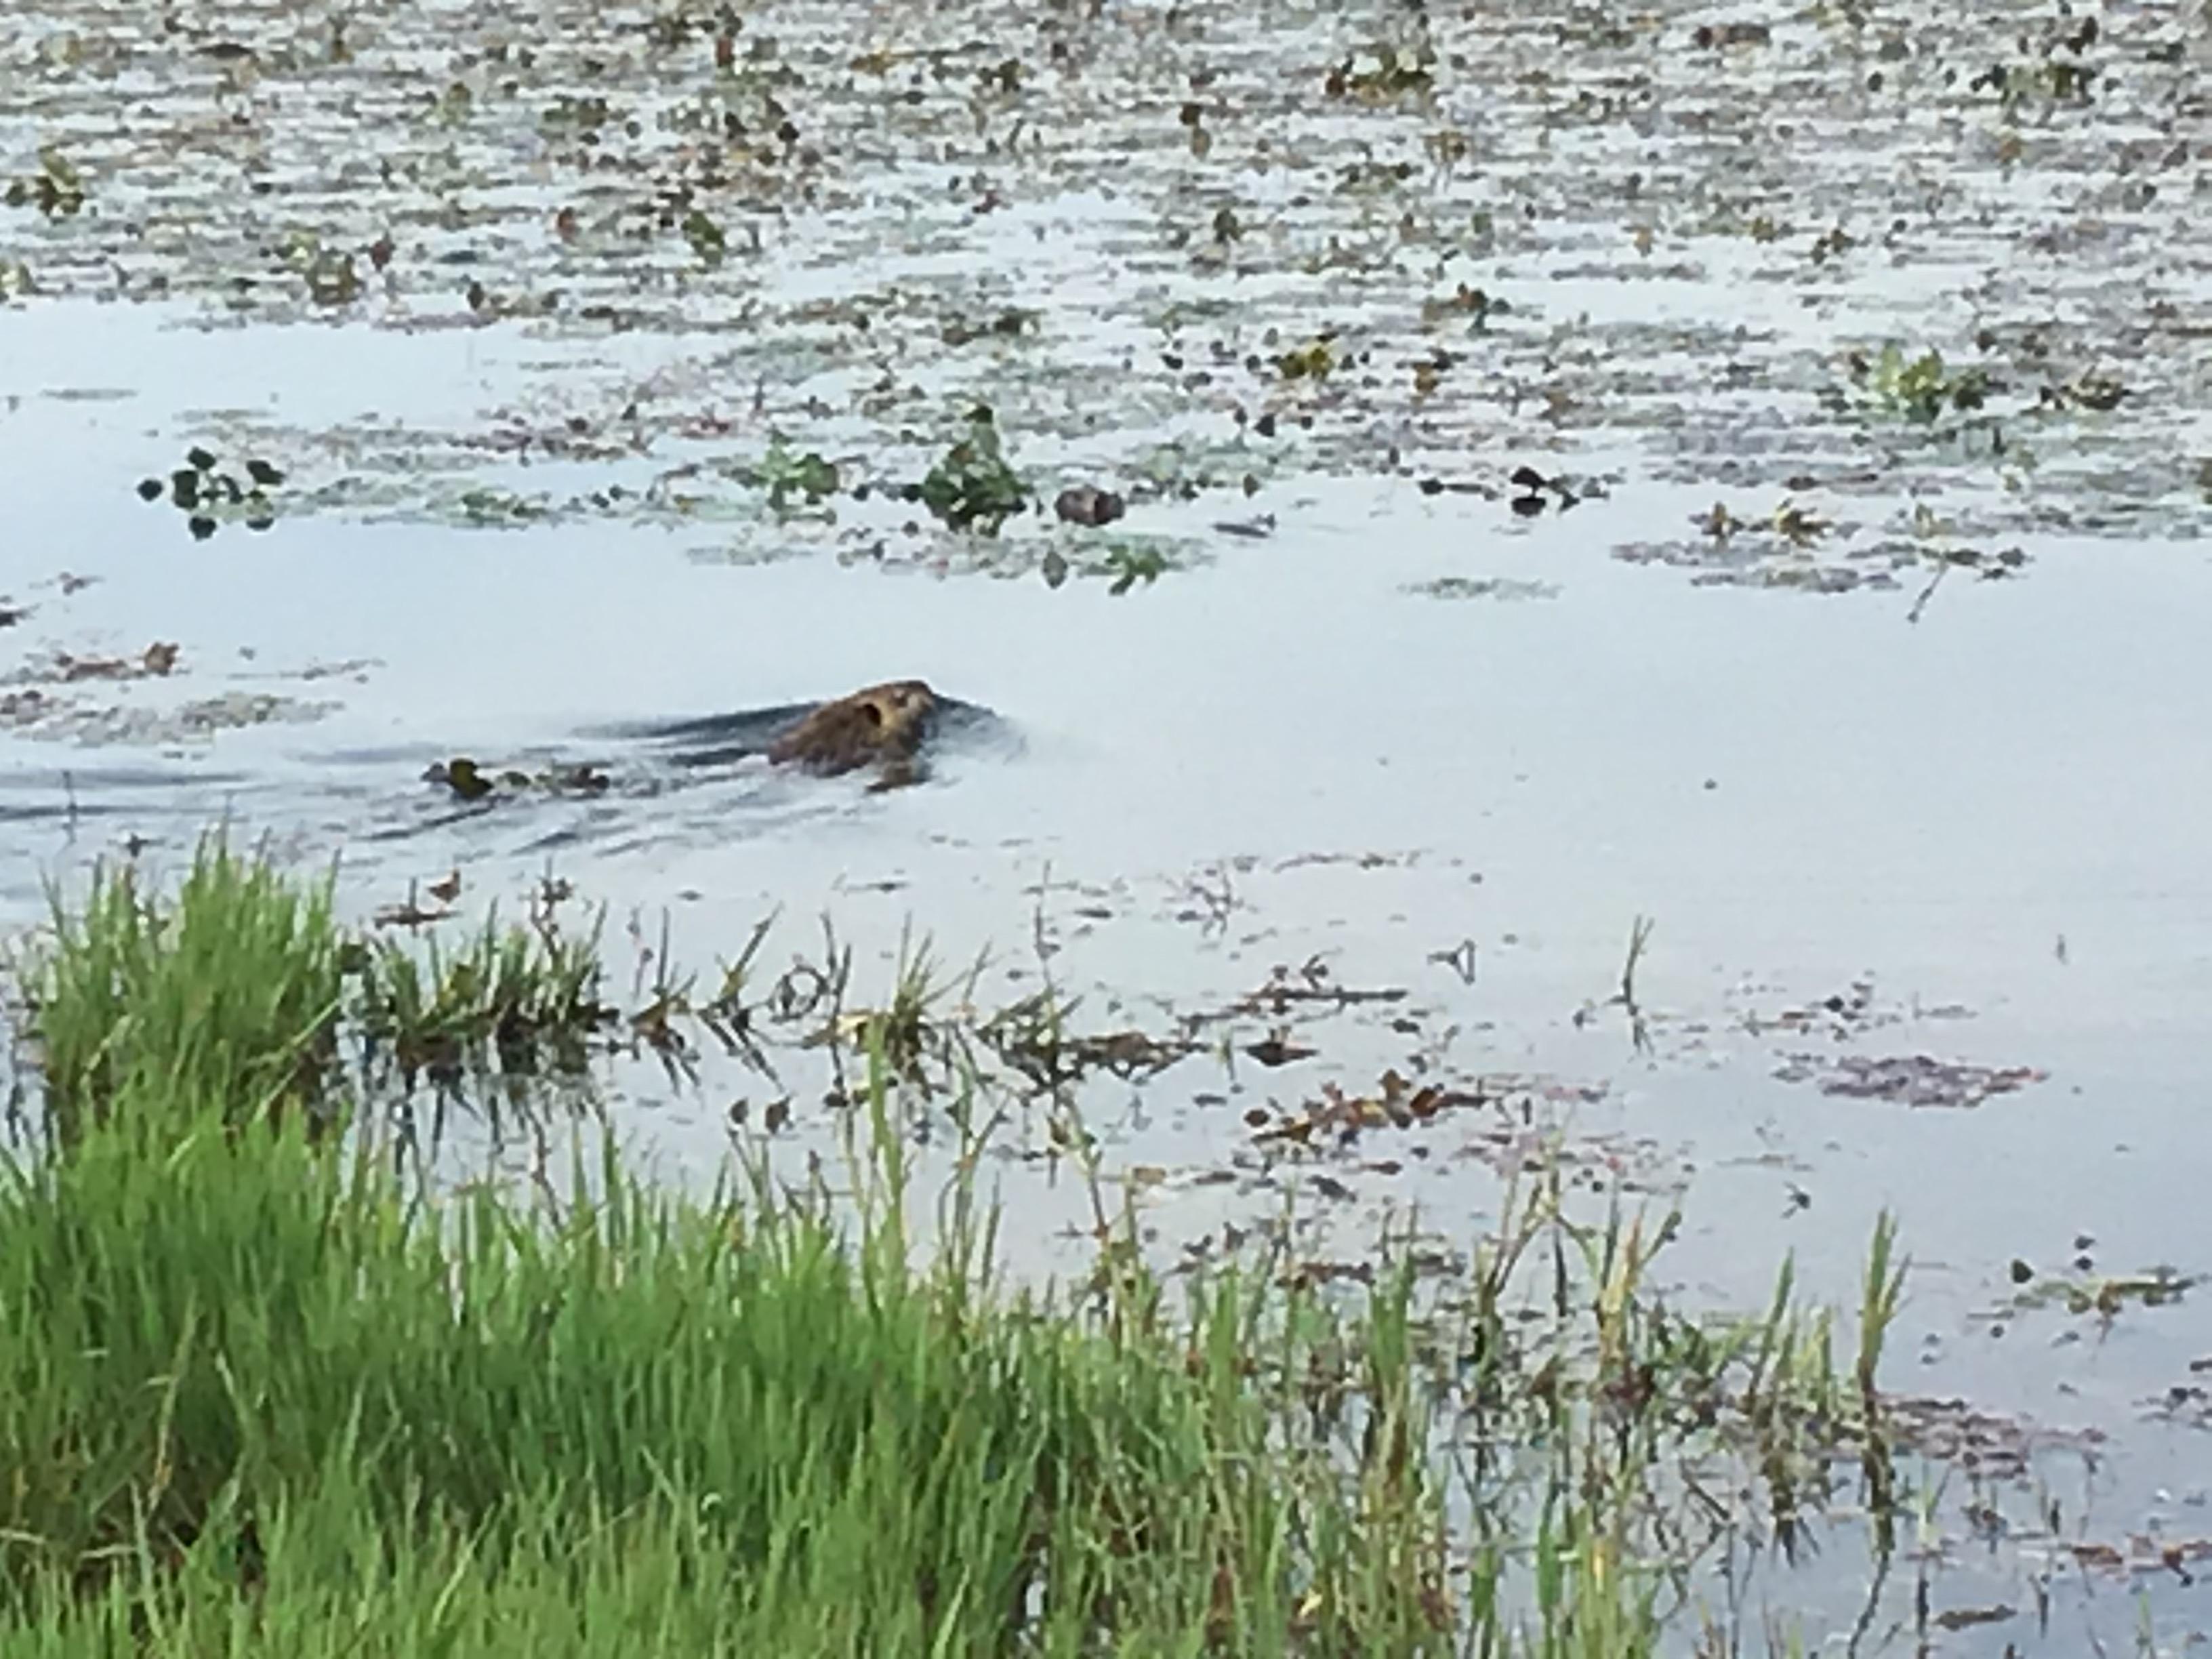 皿池に繁殖するヌートリア。かなりの数が・・今回見回しただけで4匹。数人の児童も見れました。40~50cmぐらいかな。